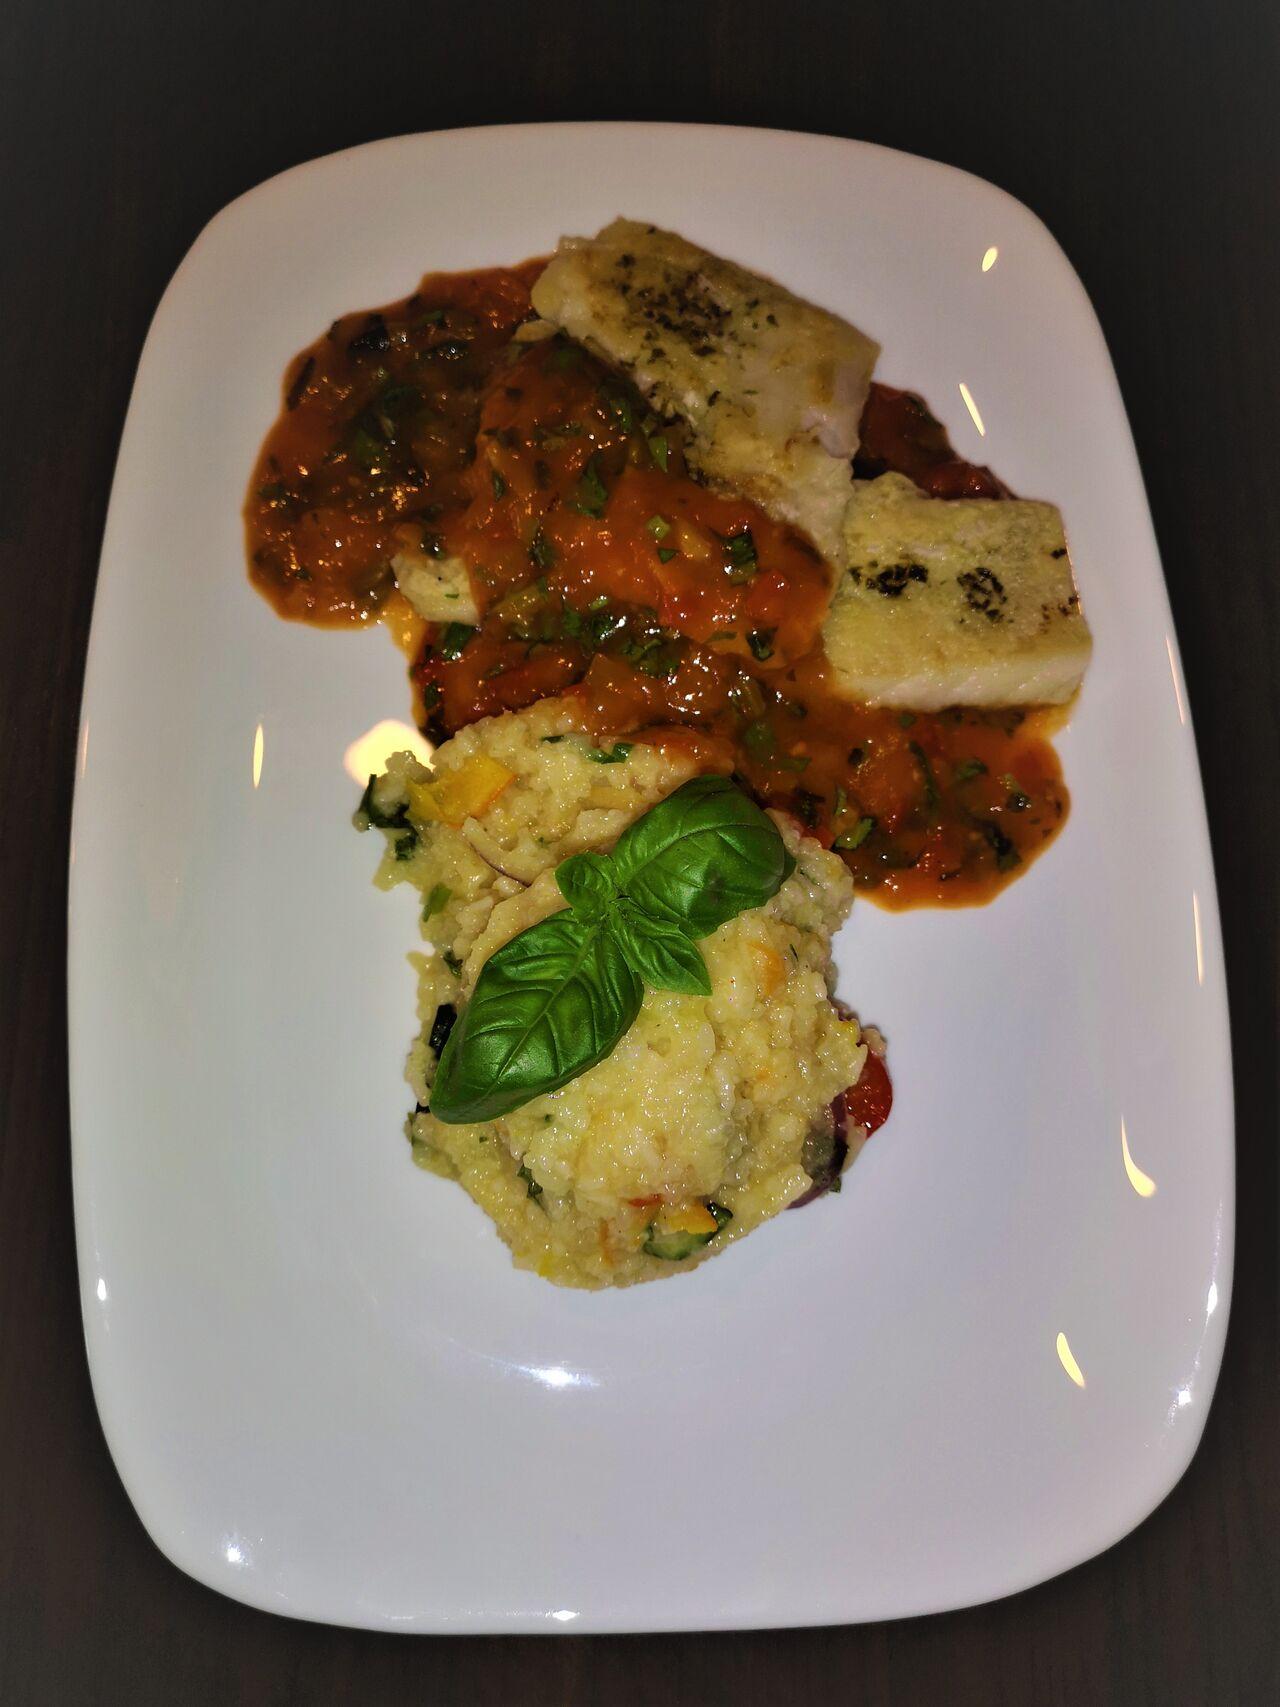 Mittagstisch - Lunch Menü 4 Viktoriabarschfilet auf Tomaten-Basilikum Soße & Gemüsereis